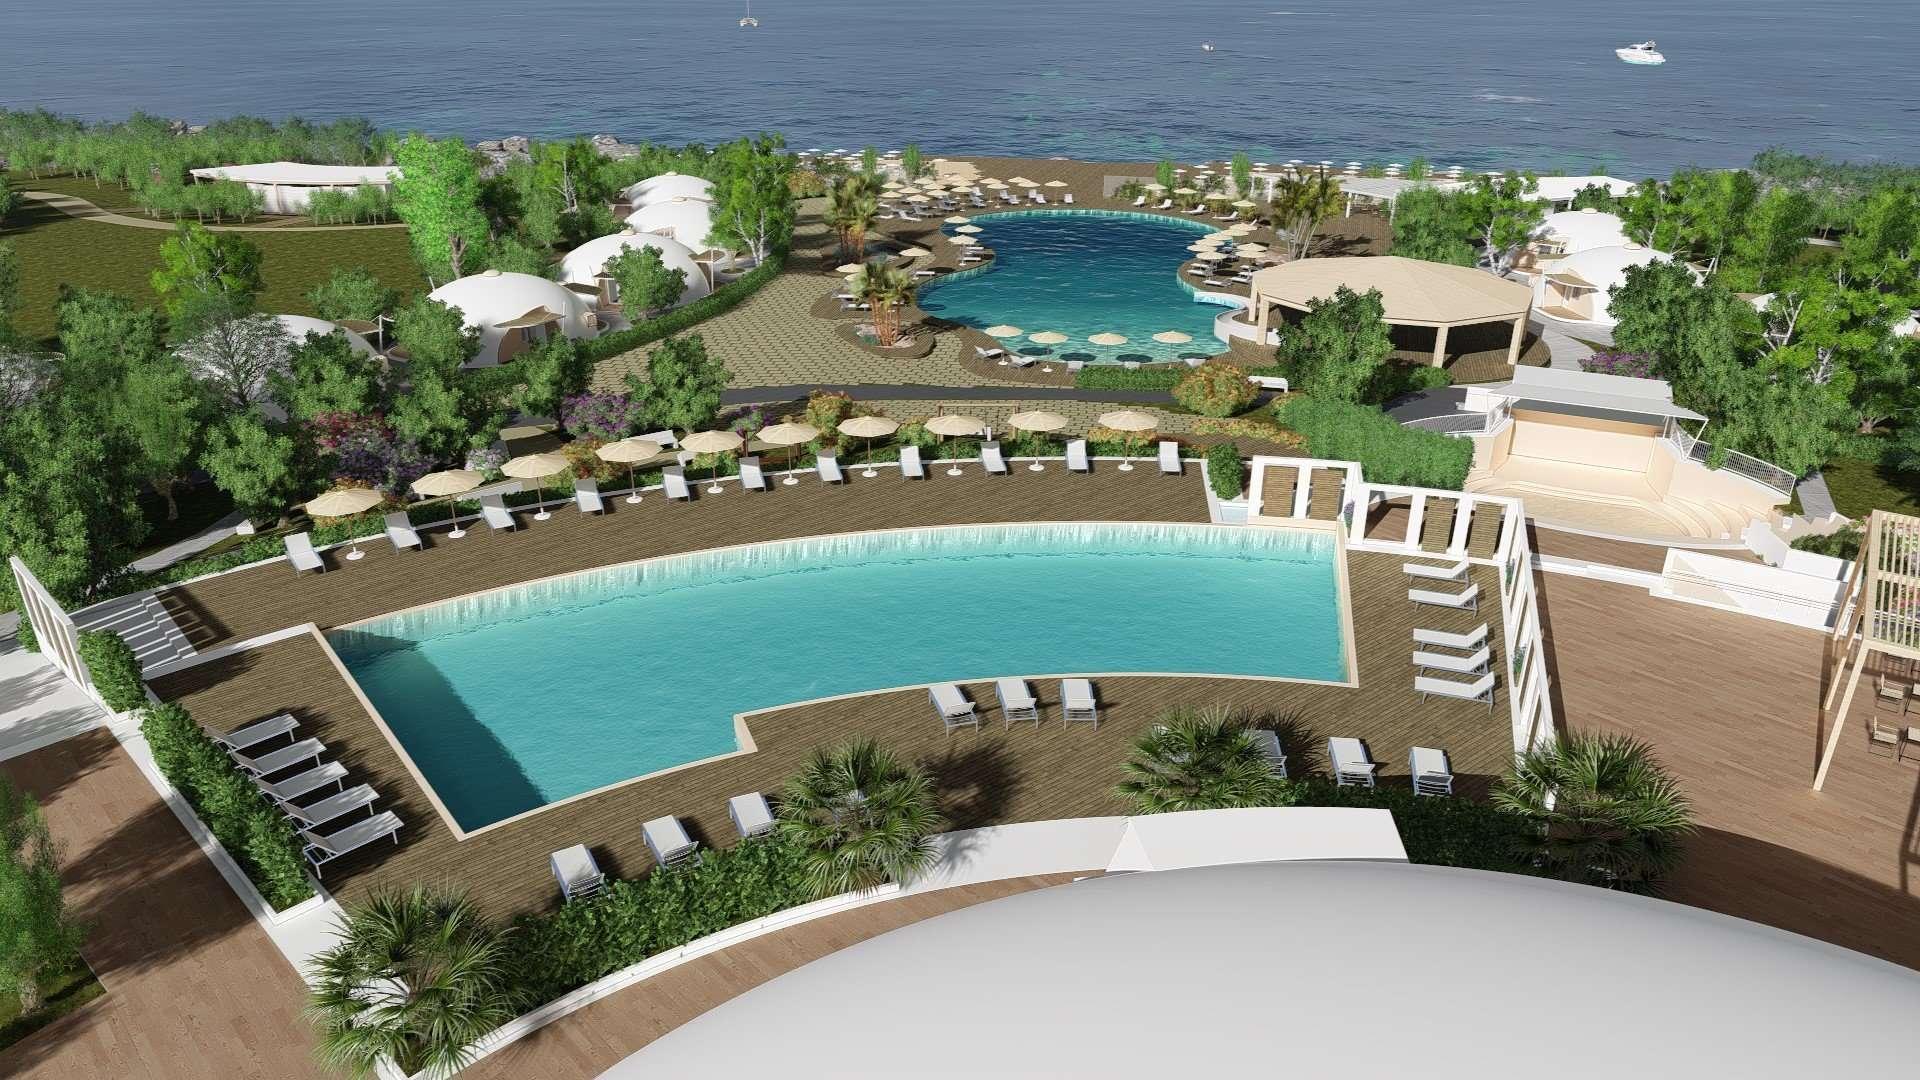 torre cintola natural sea resort - puglia - italie -zwembaden